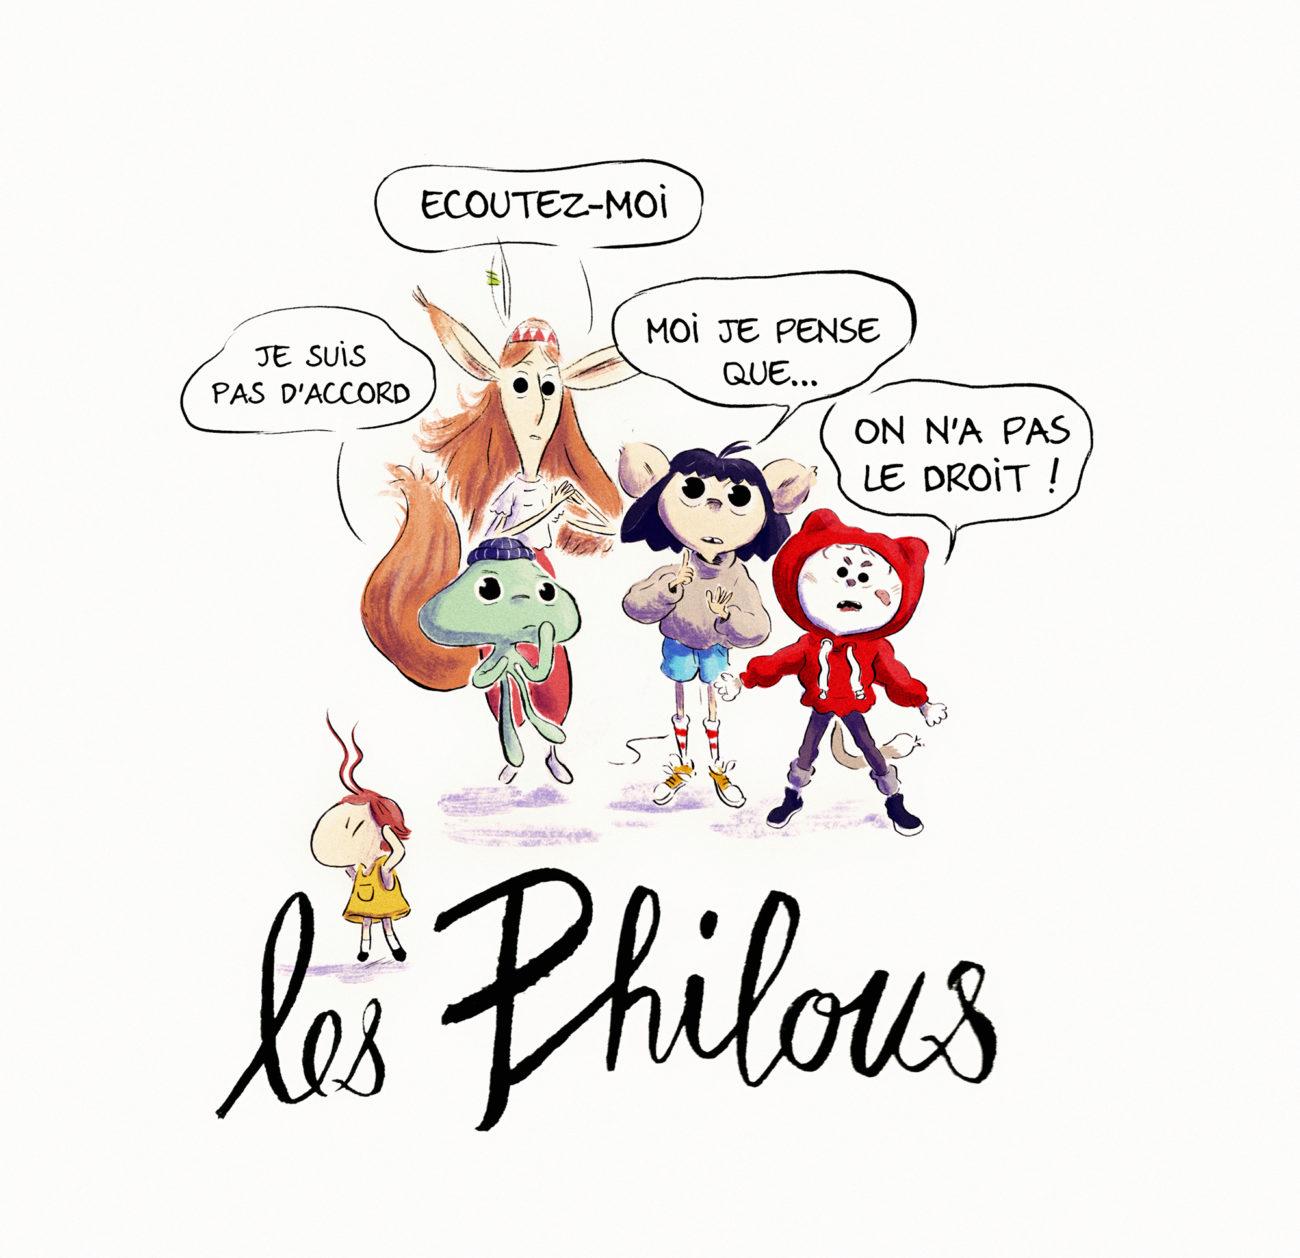 Les Philous